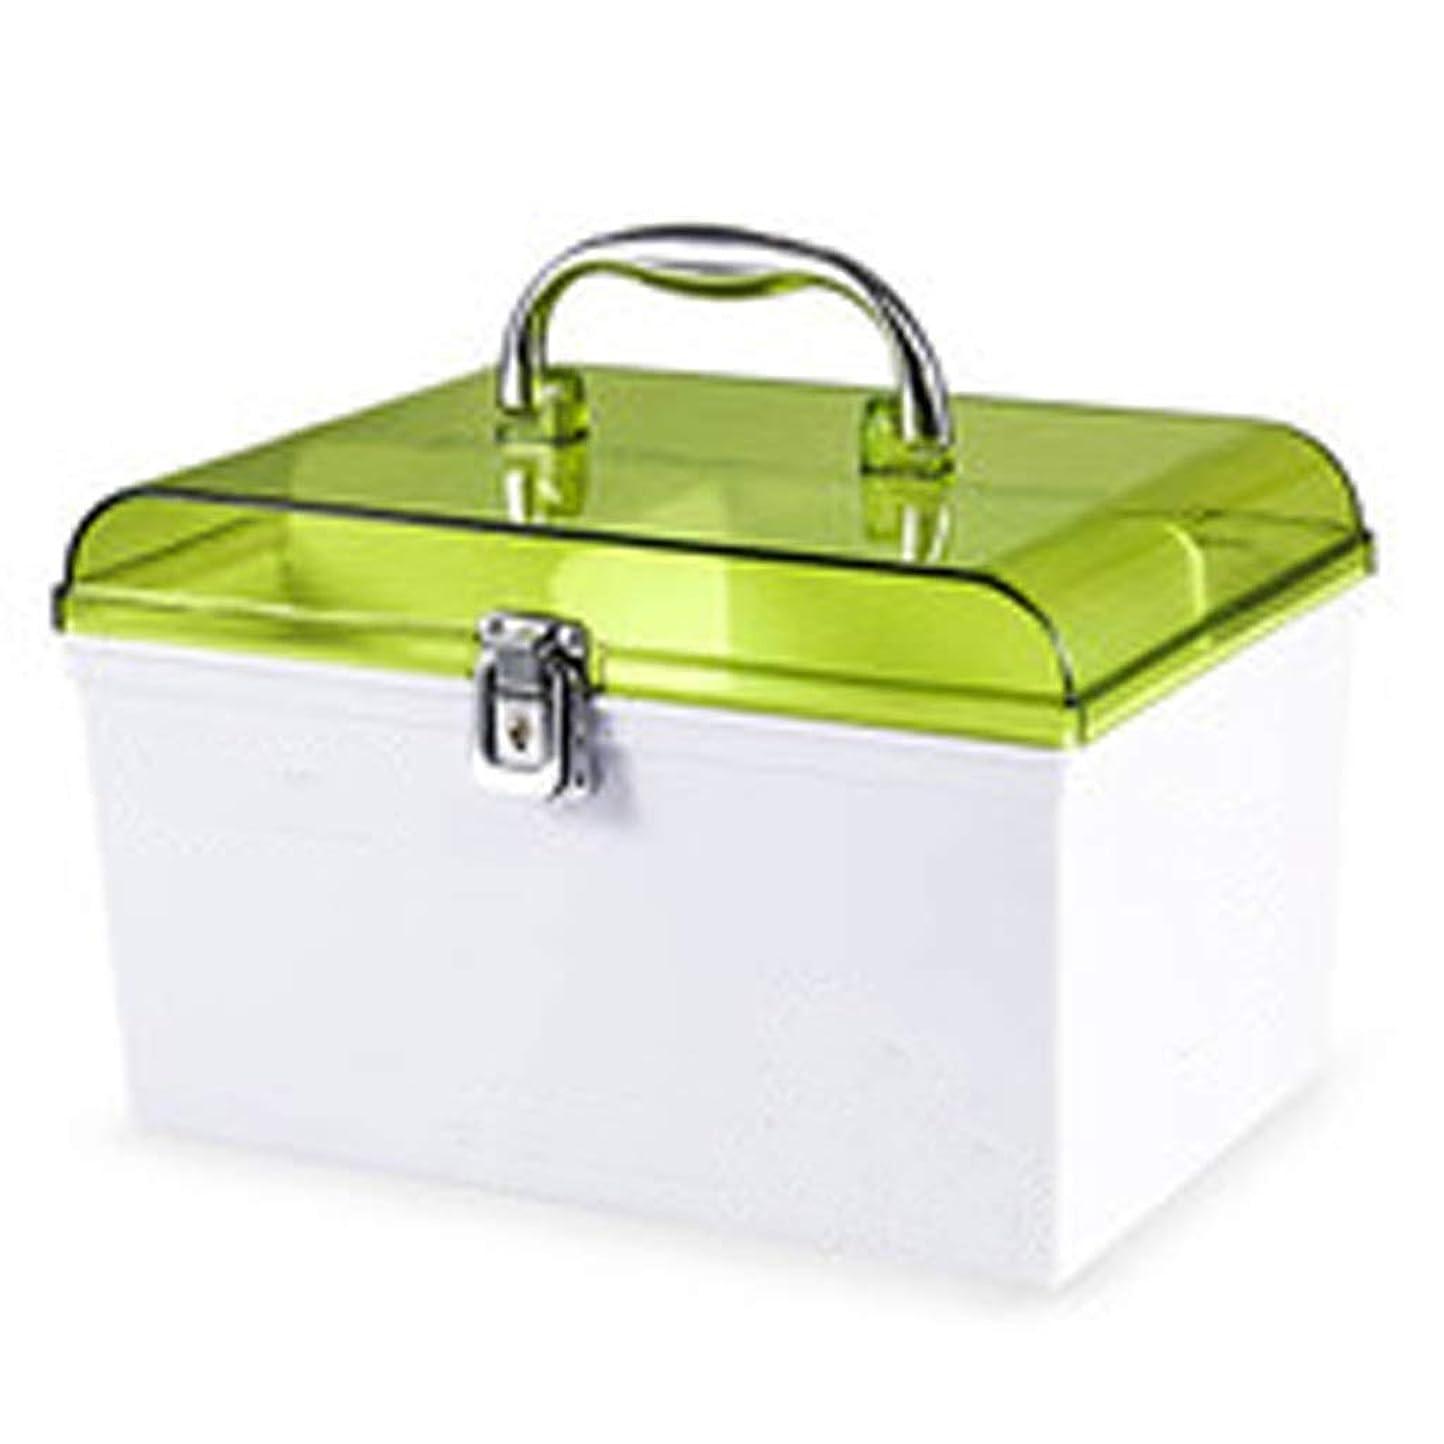 本能コンペ購入YQCS●LS 応急処置キット薬品収納薬品キットポータブルプラスチック製薬品容器グリーン